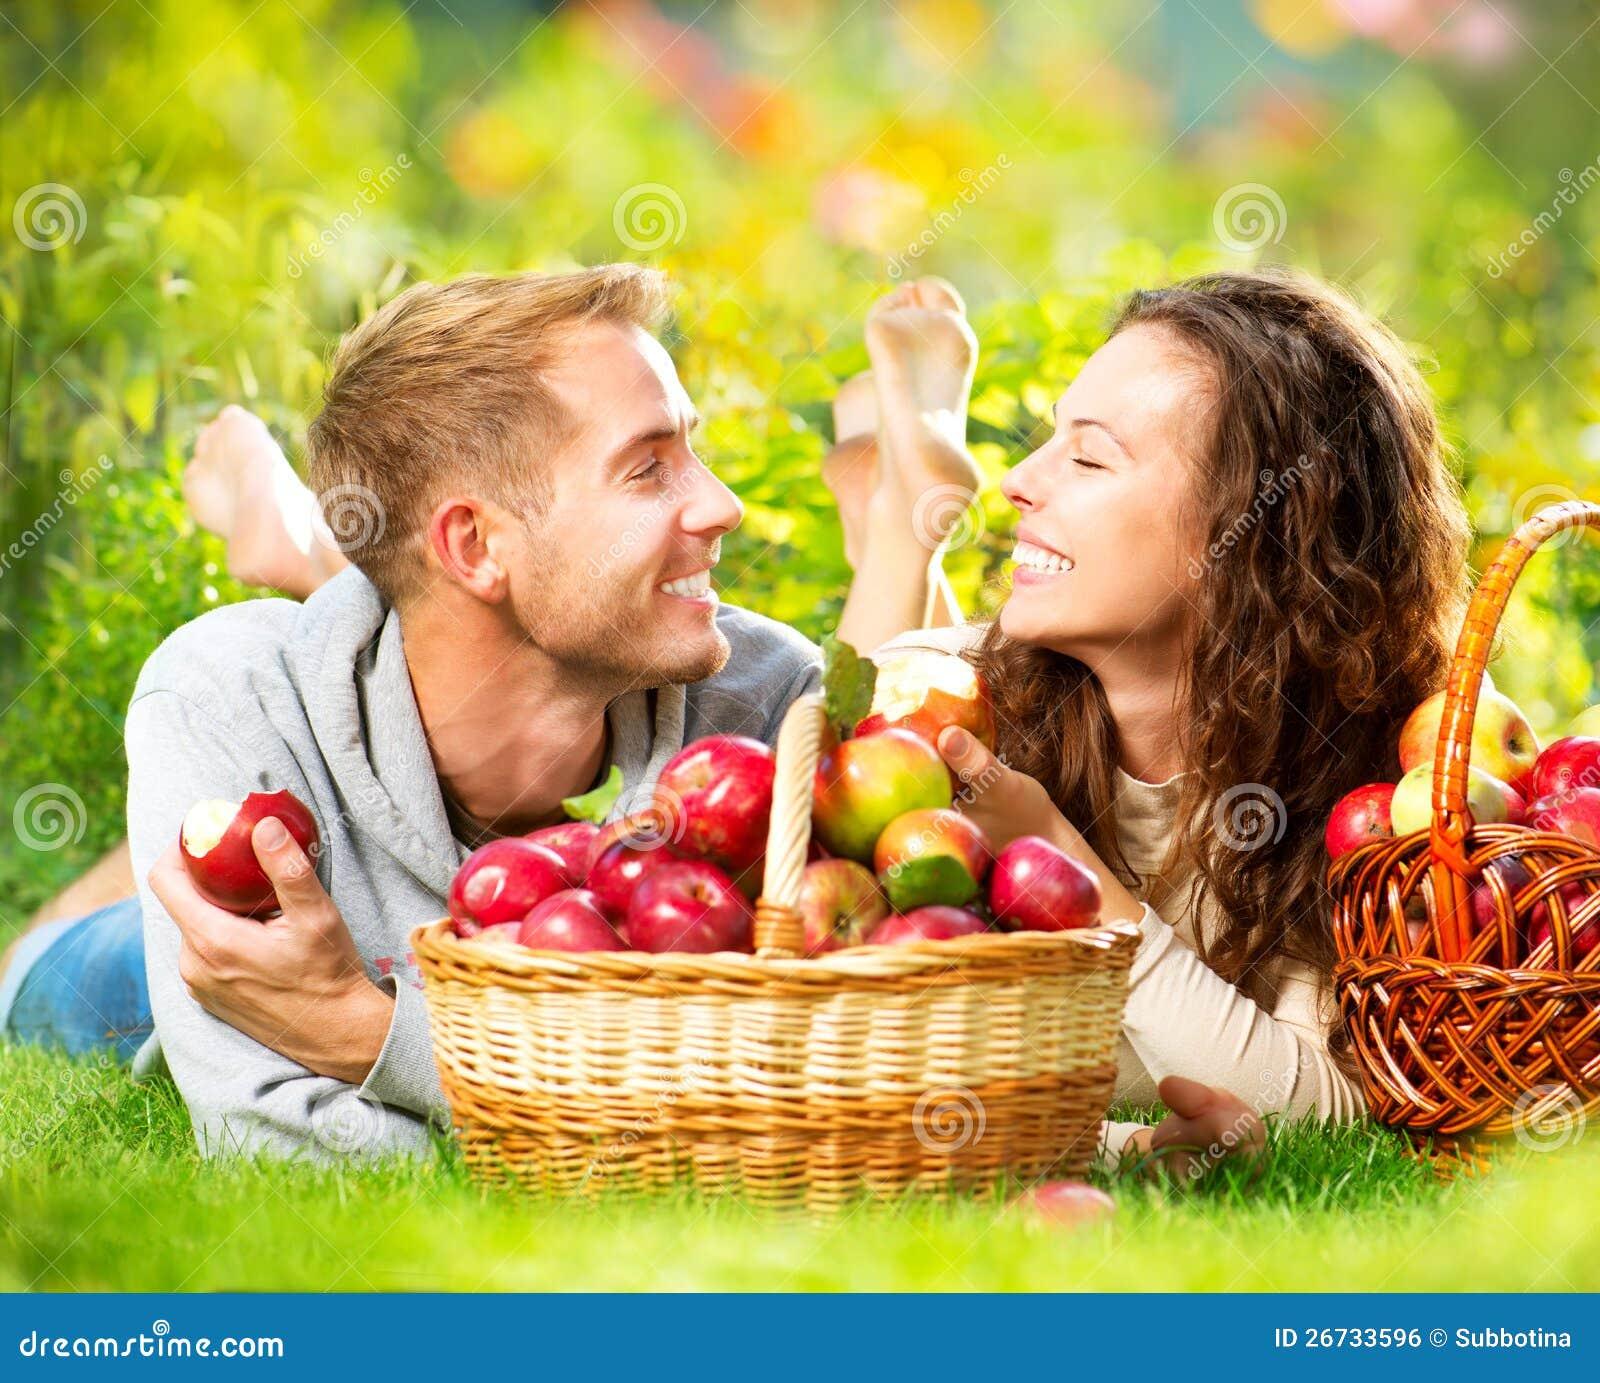 Paare, die auf dem Gras sich entspannen und Äpfel essen